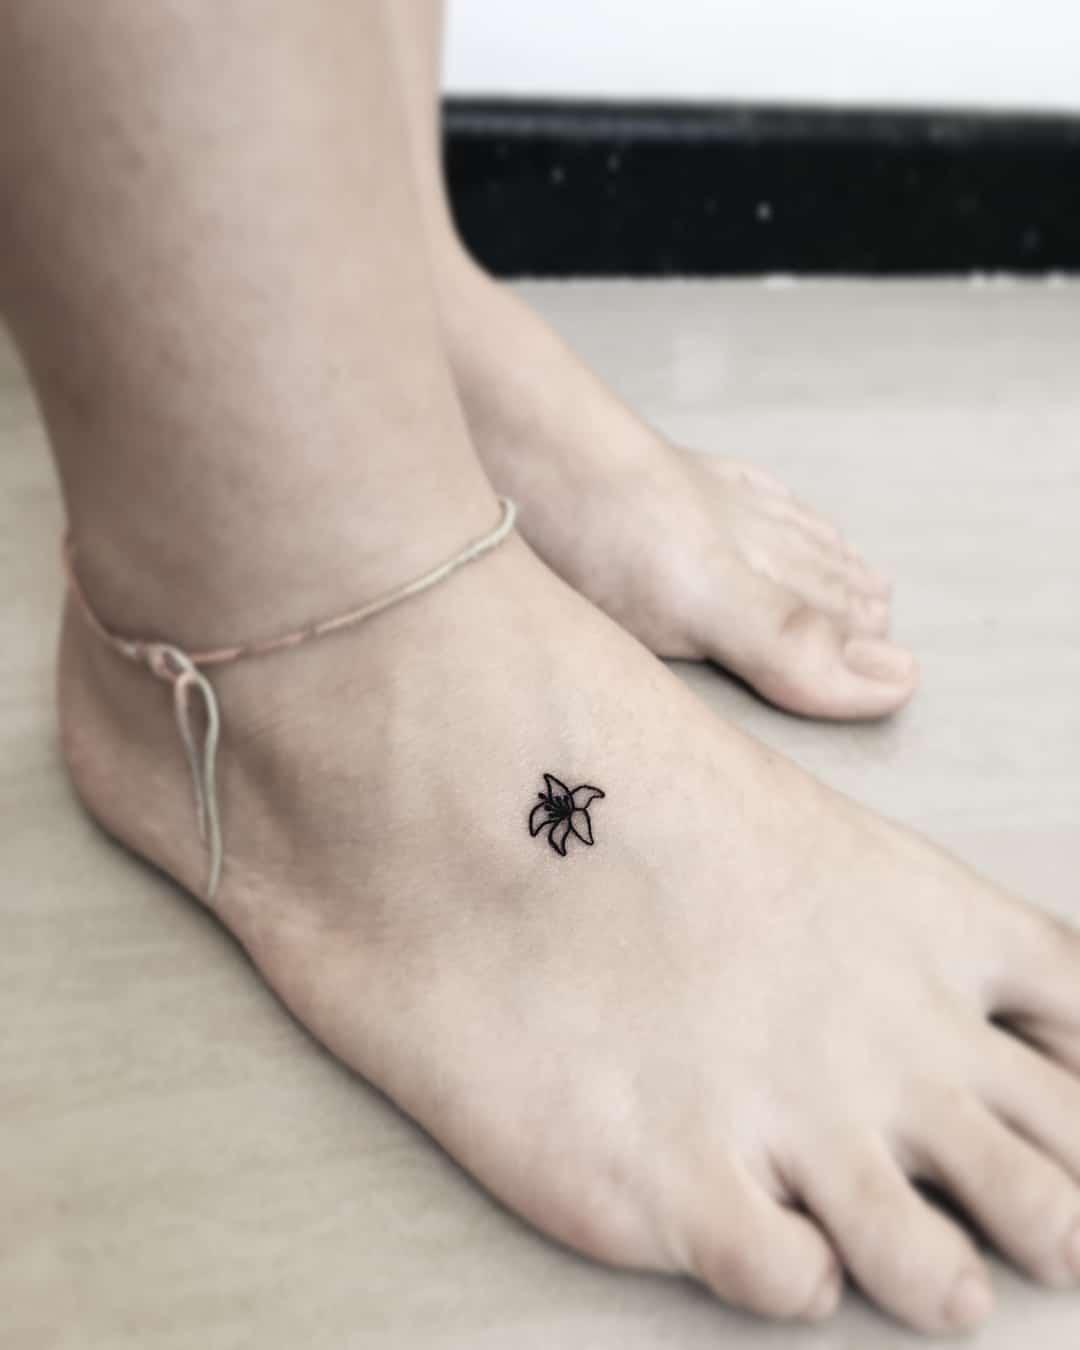 tattoo piccolo piede fiore by @rebeccanobretattoo